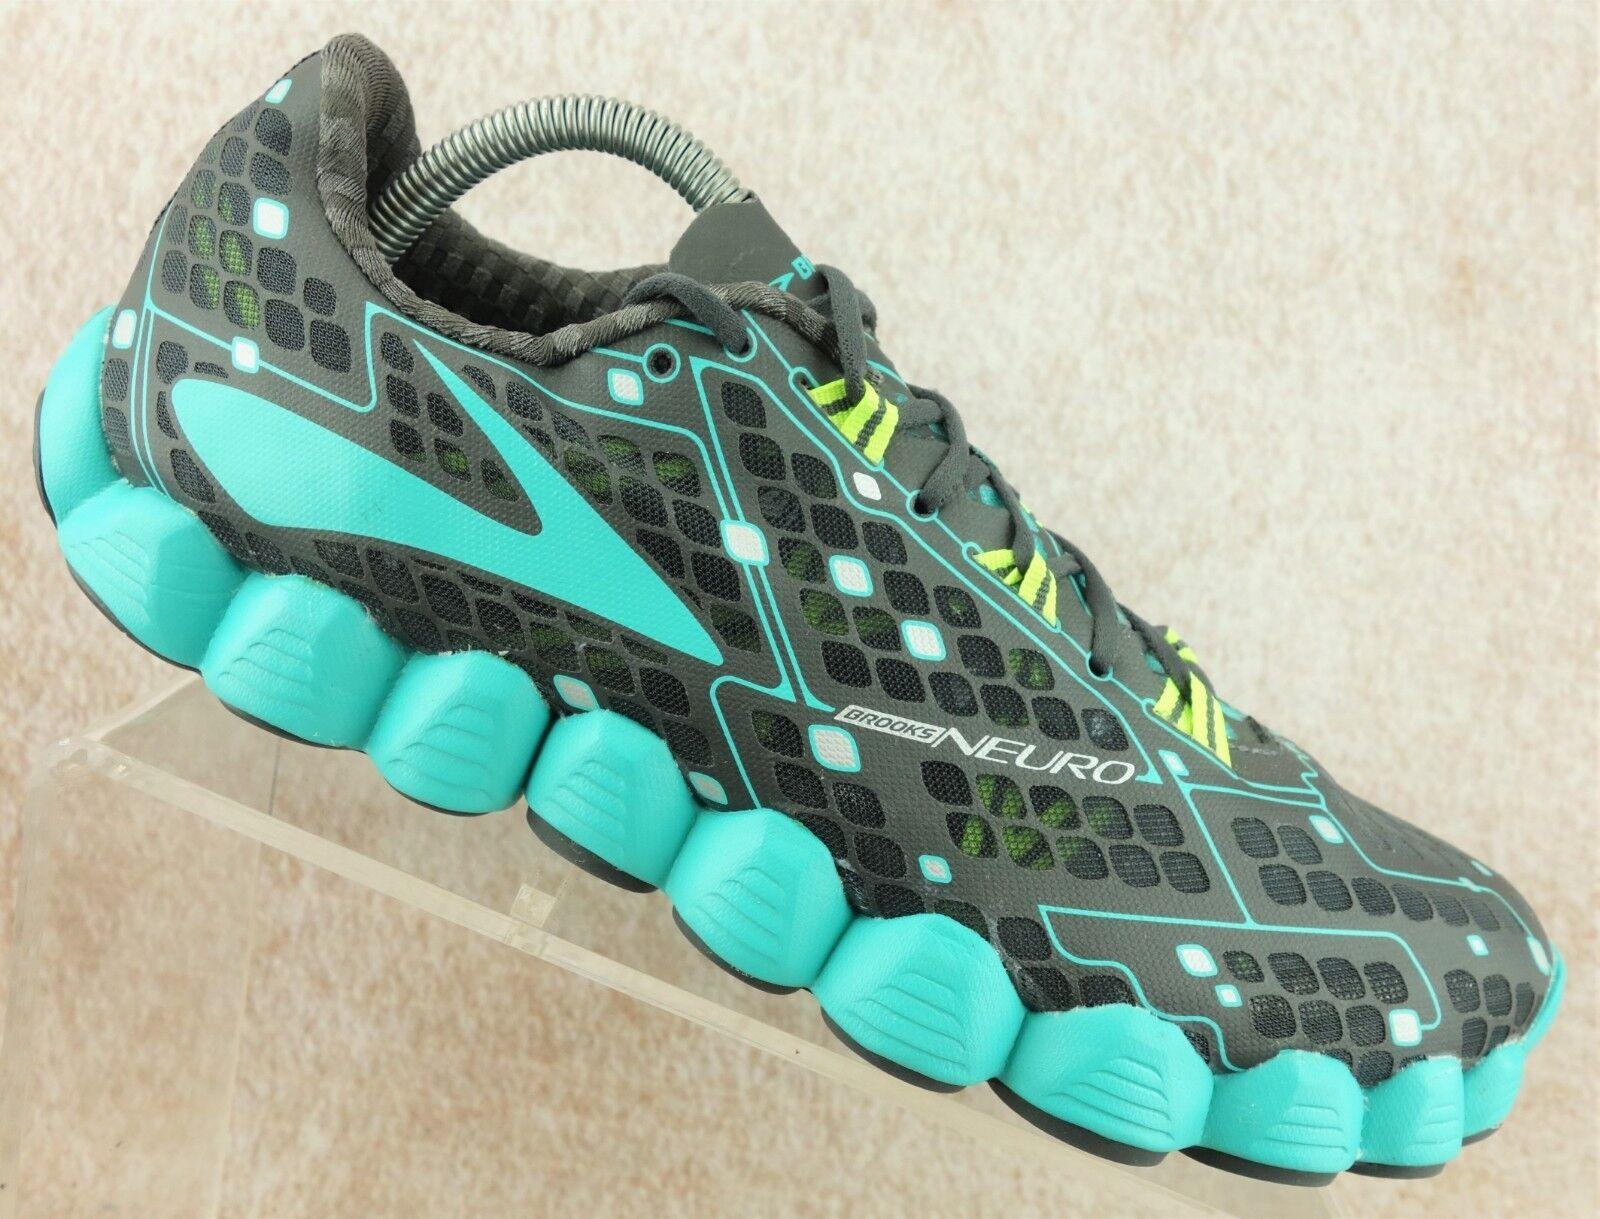 Brooks neuro gris verde Atlético de de Atlético malla que ejecuta para mujeres zapatos talla 11 B 07a060